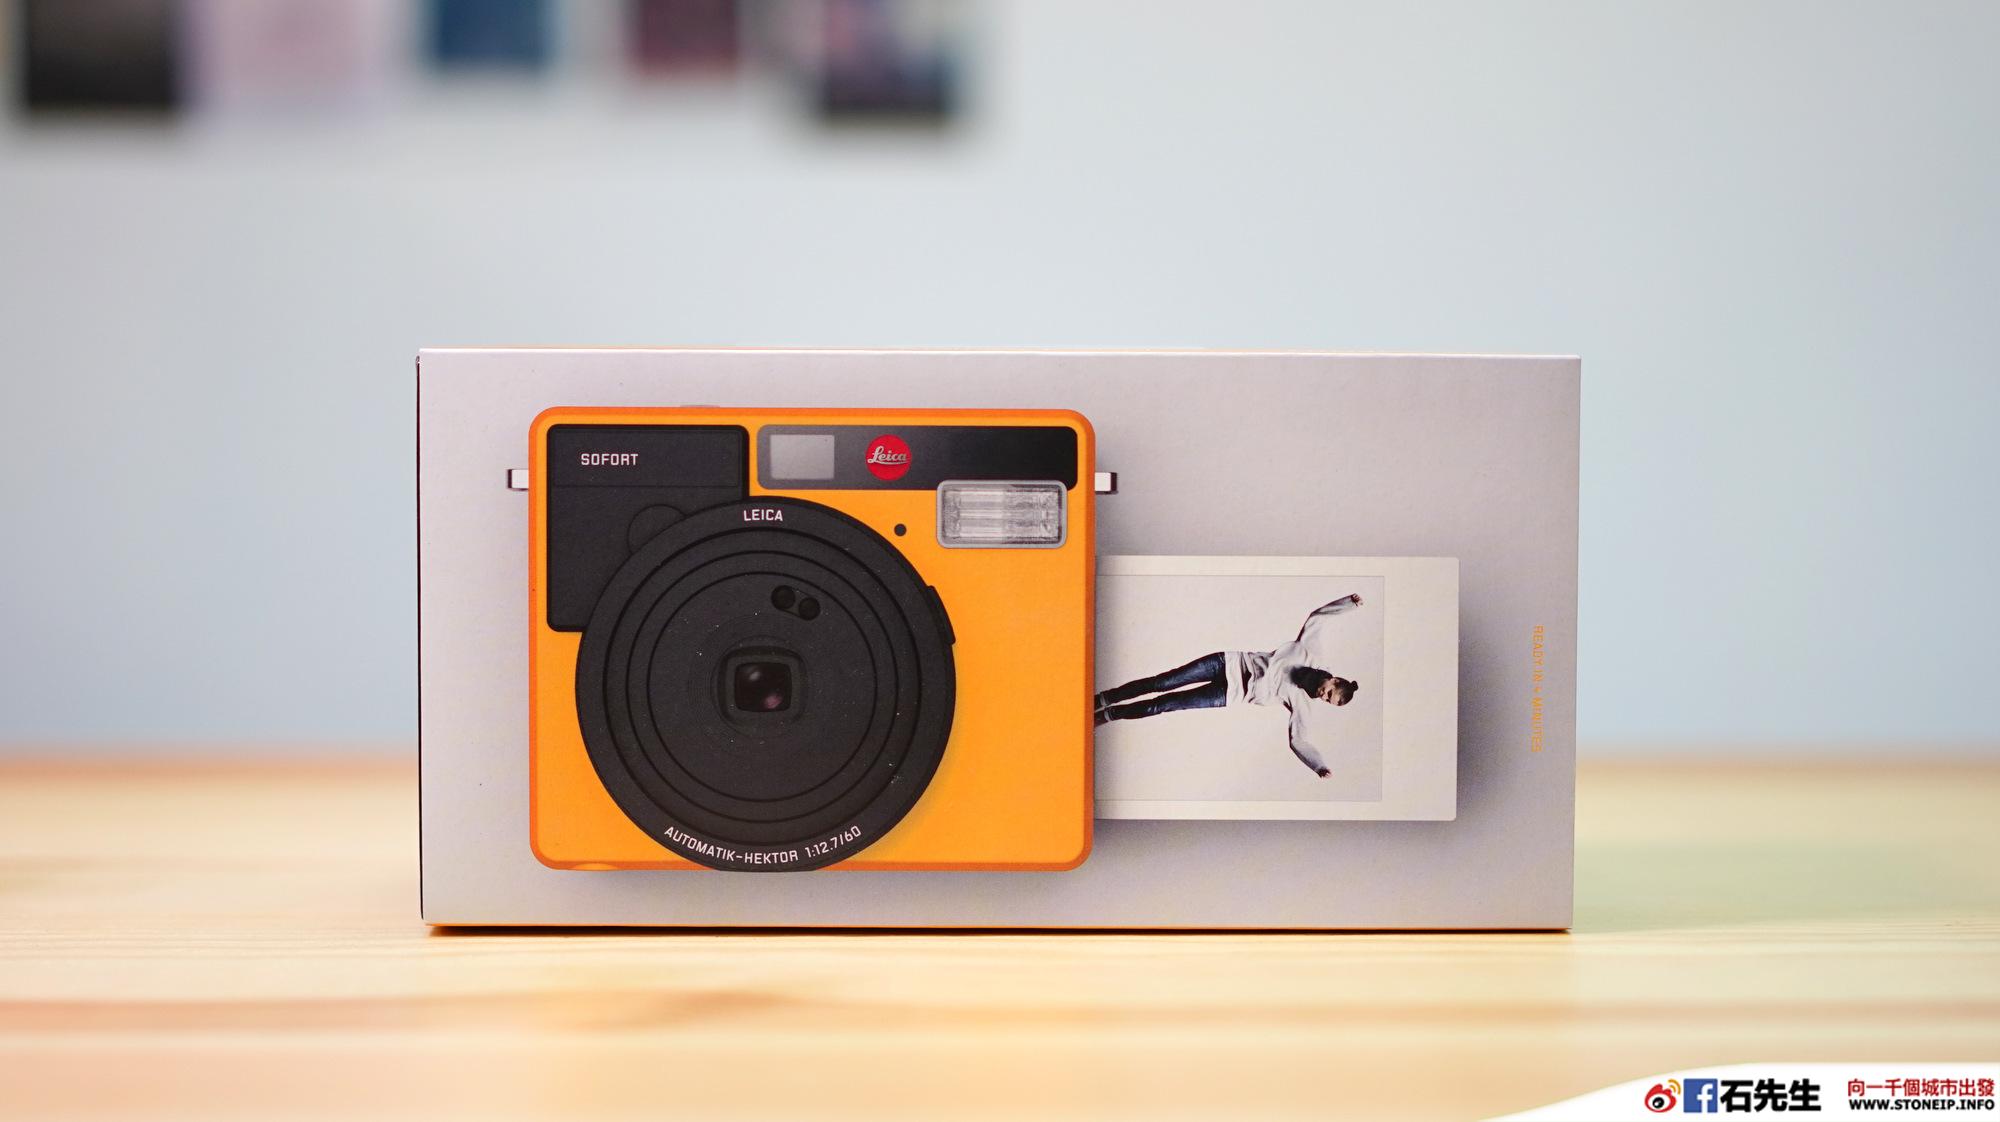 Leica_SOFORT_unbox01